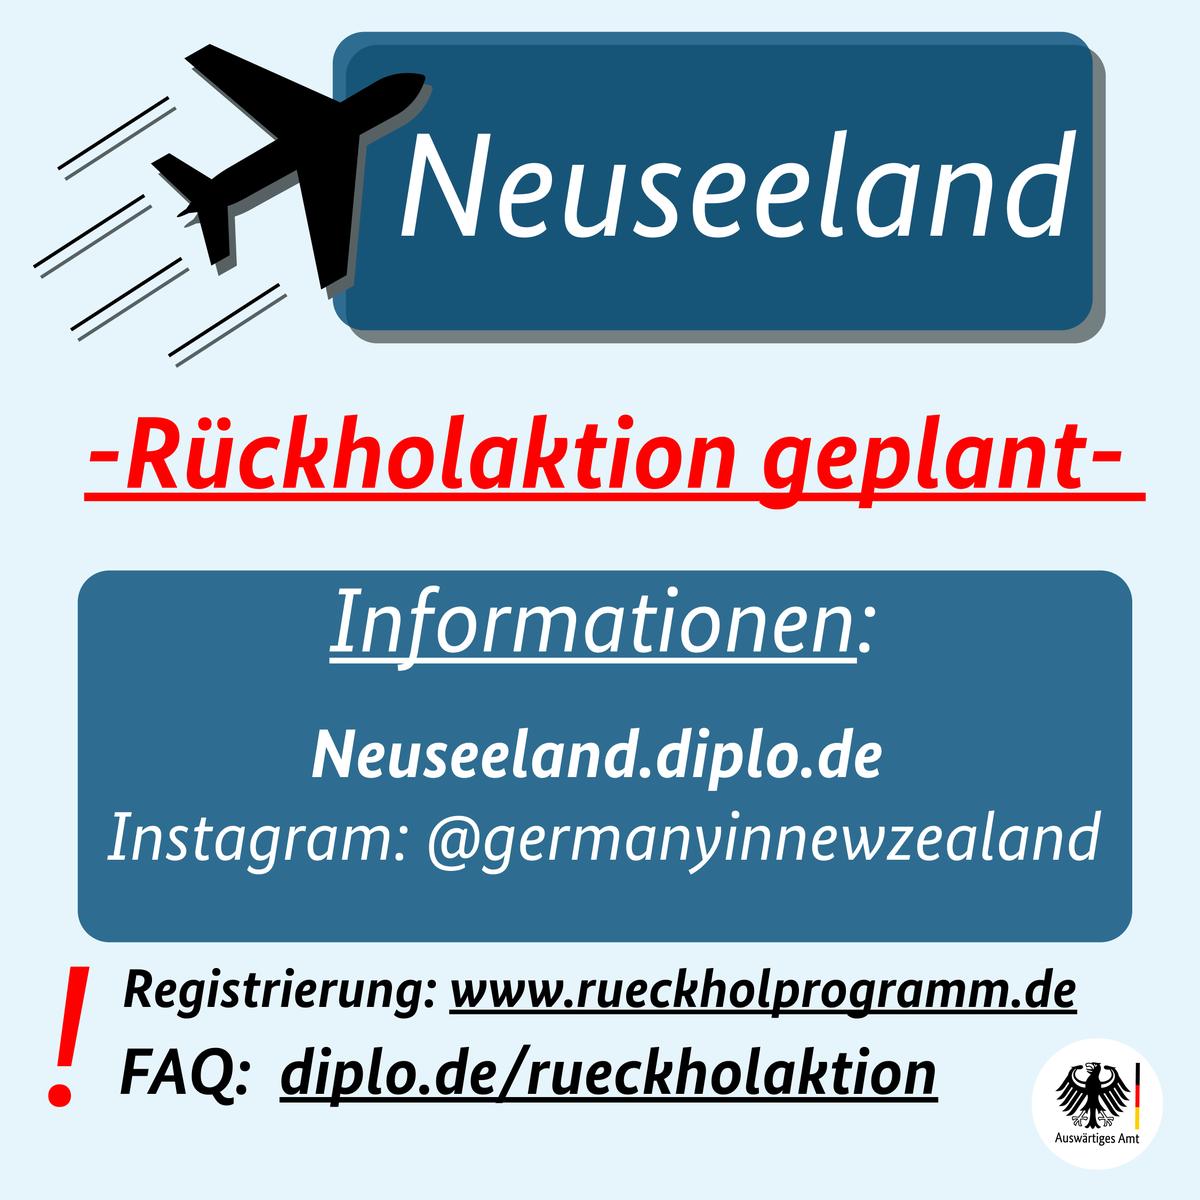 deutsche botschaft in neuseeland